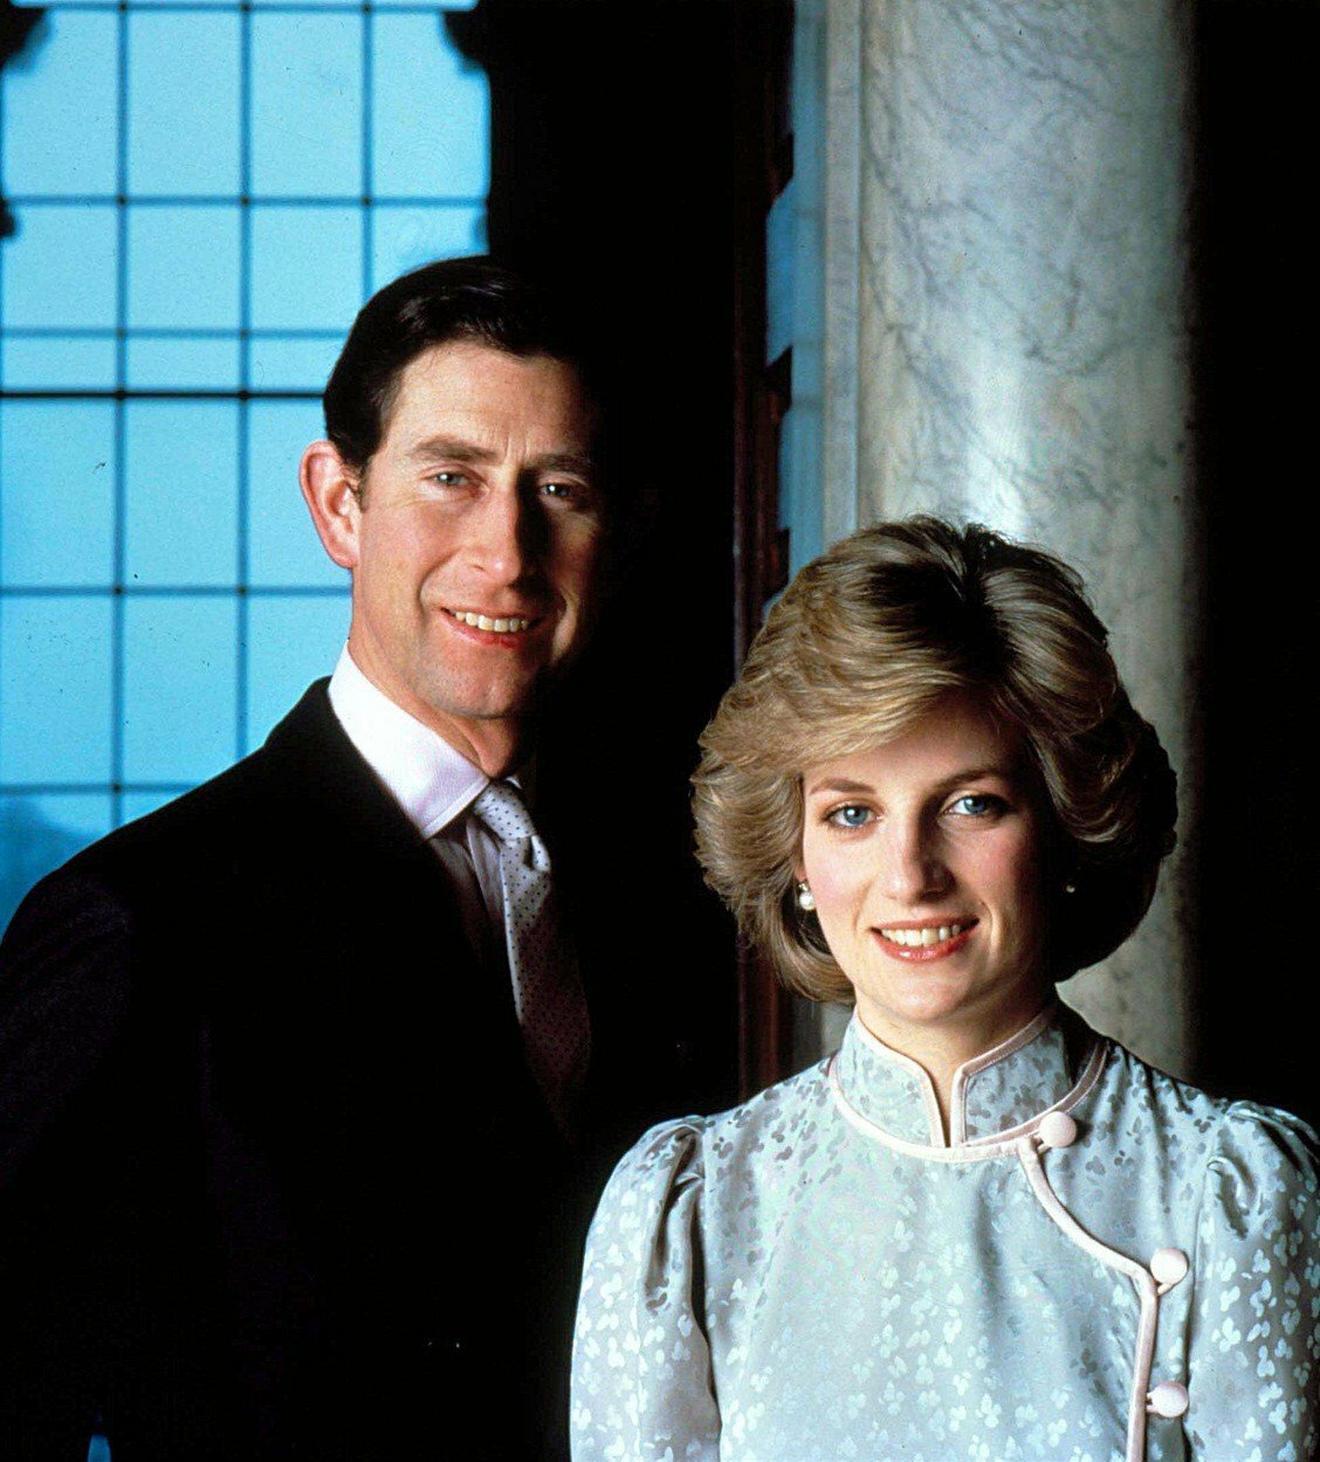 Princeza Dajana i princ Čarls: ovaj portret je nastao tokom njihovog boravka u Italiji 1985. godine